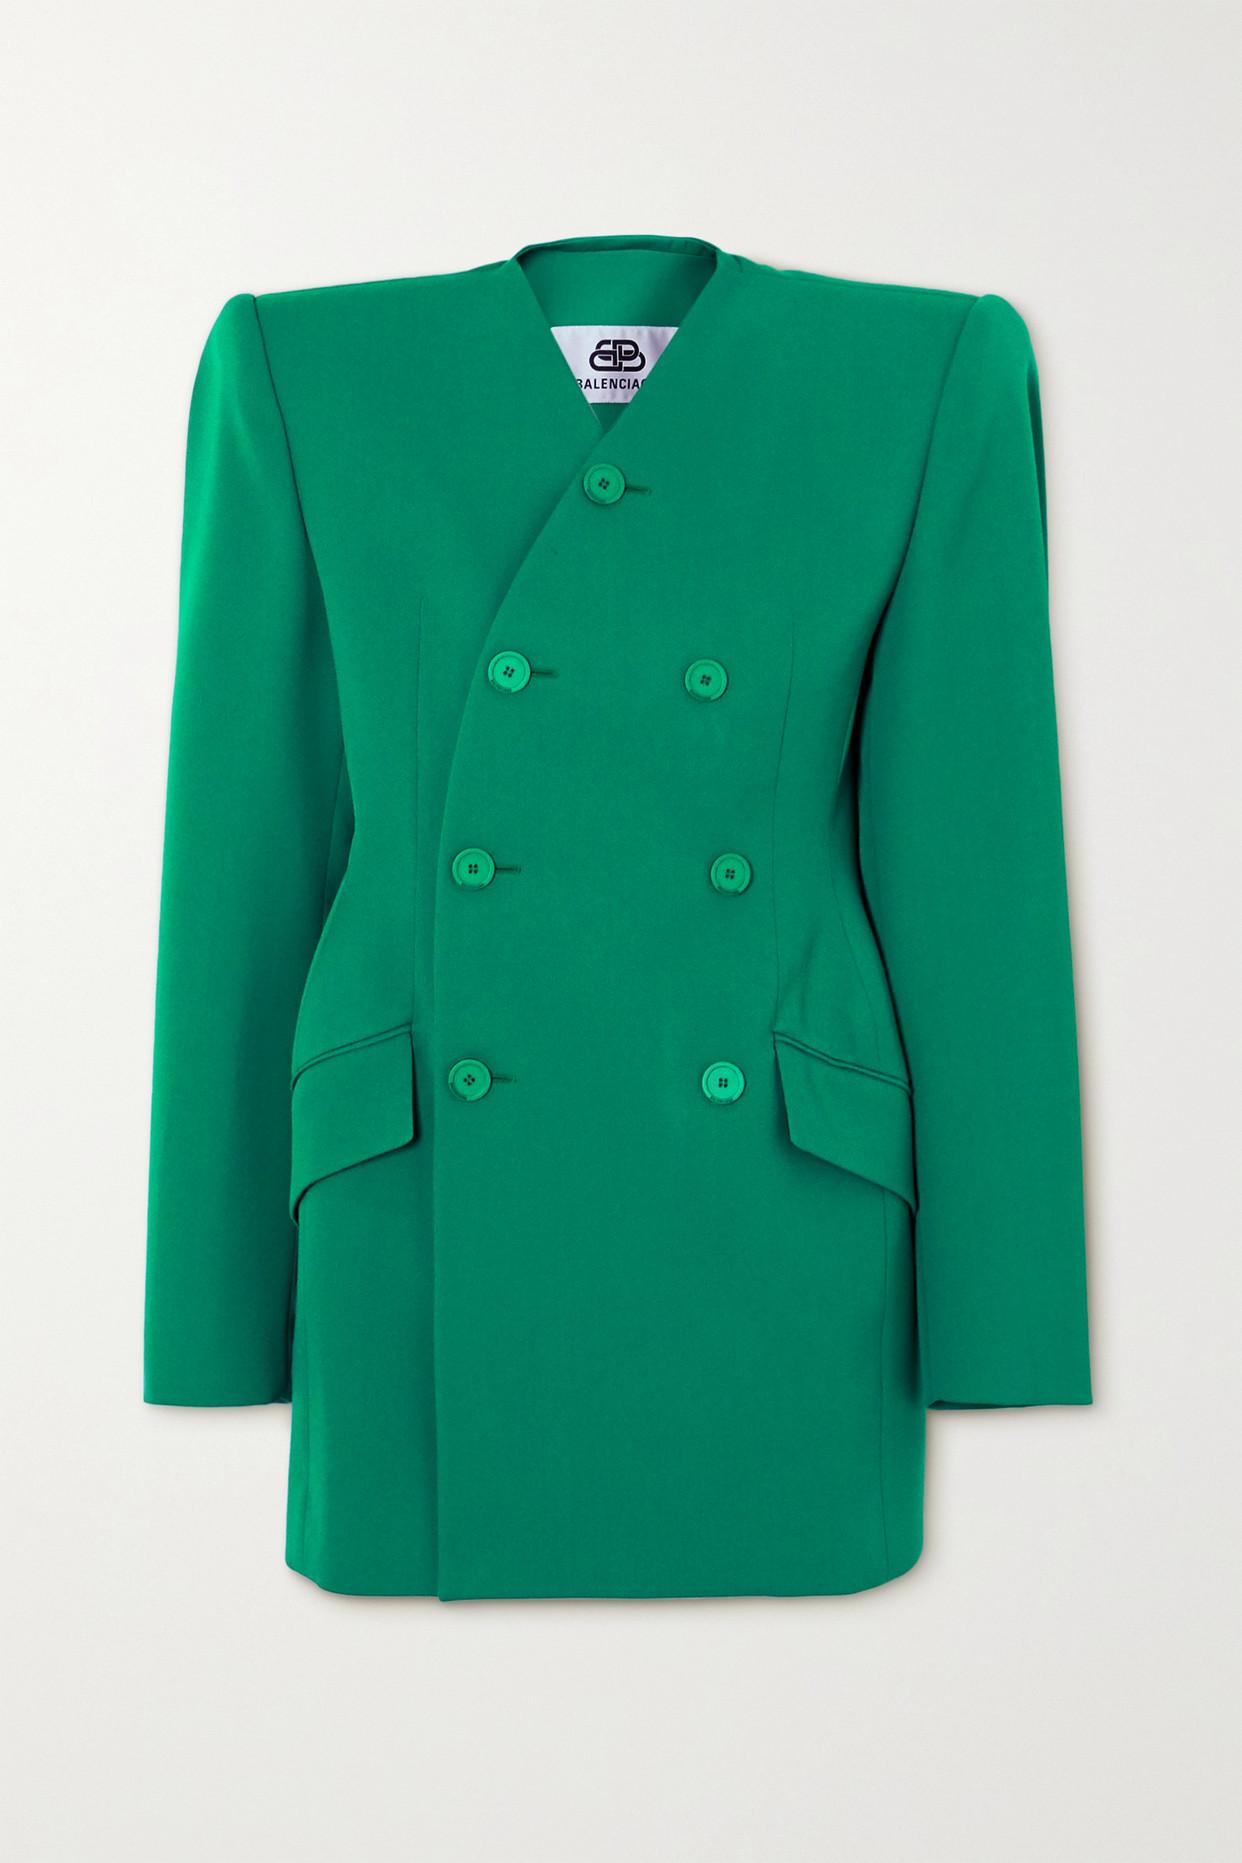 BALENCIAGA - 双排扣羊毛混纺西装外套 - 蓝色 - FR34